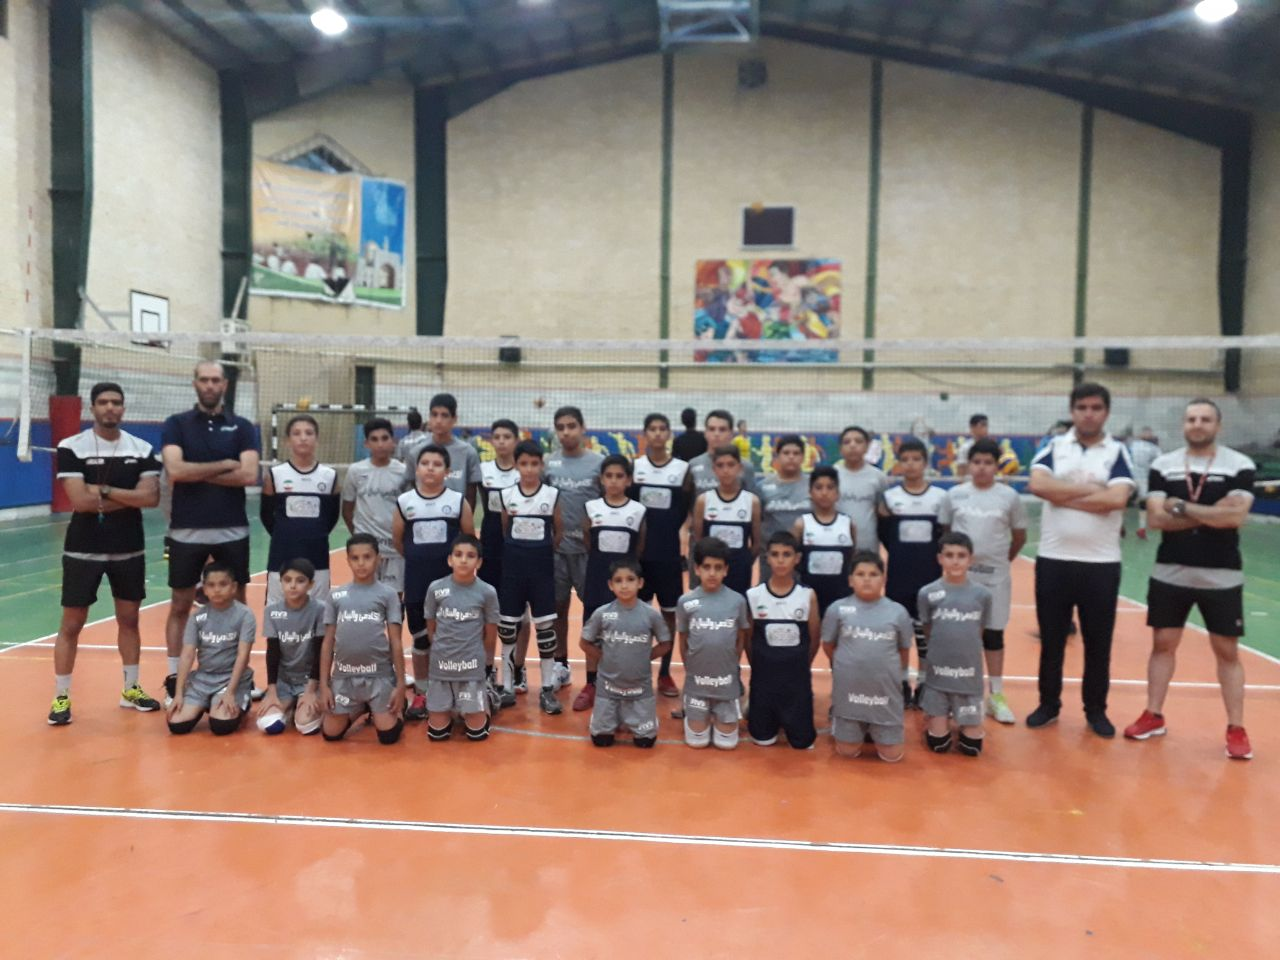 مسابقه تدارکاتی با آکادمی تخصصی والیبال البرز مشهد مورخه 13 مهرماه - مشهد